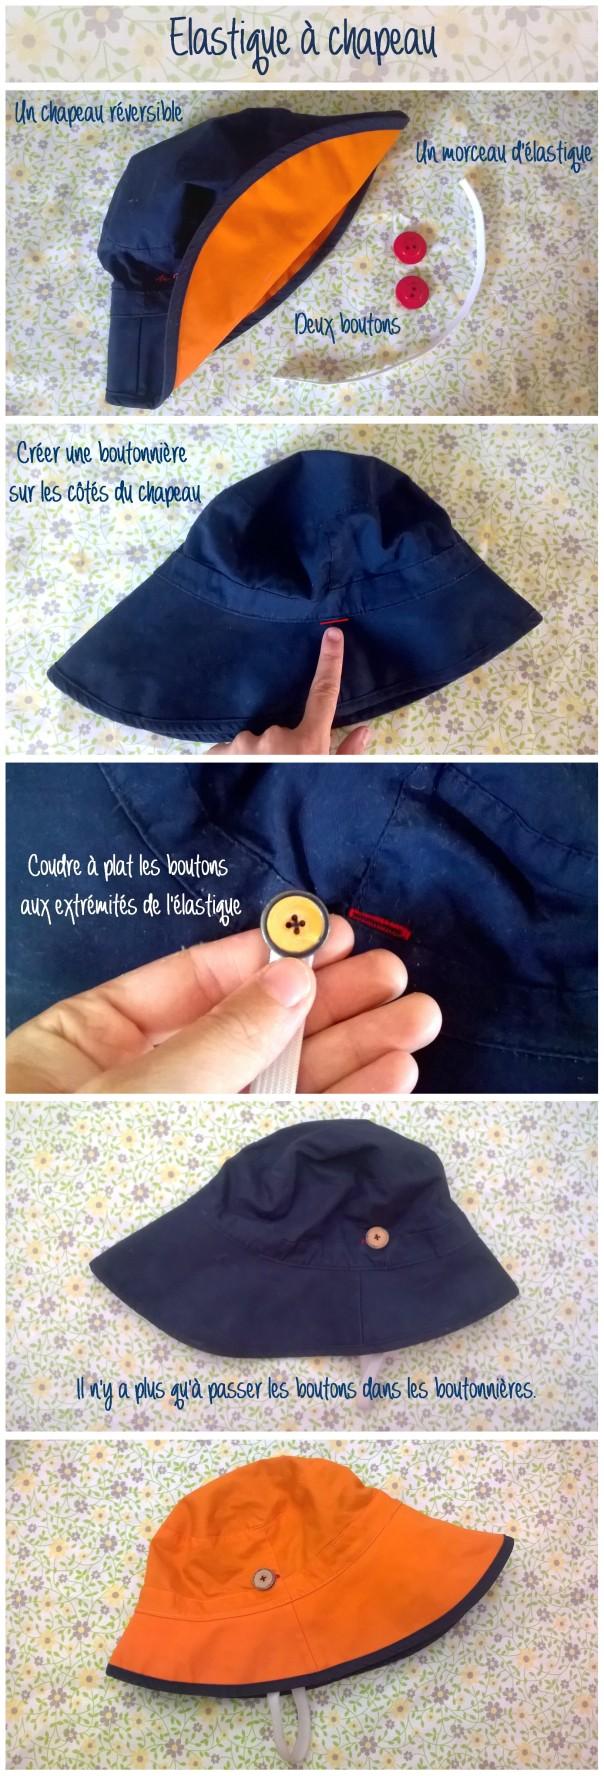 Tuto élastique à chapeau